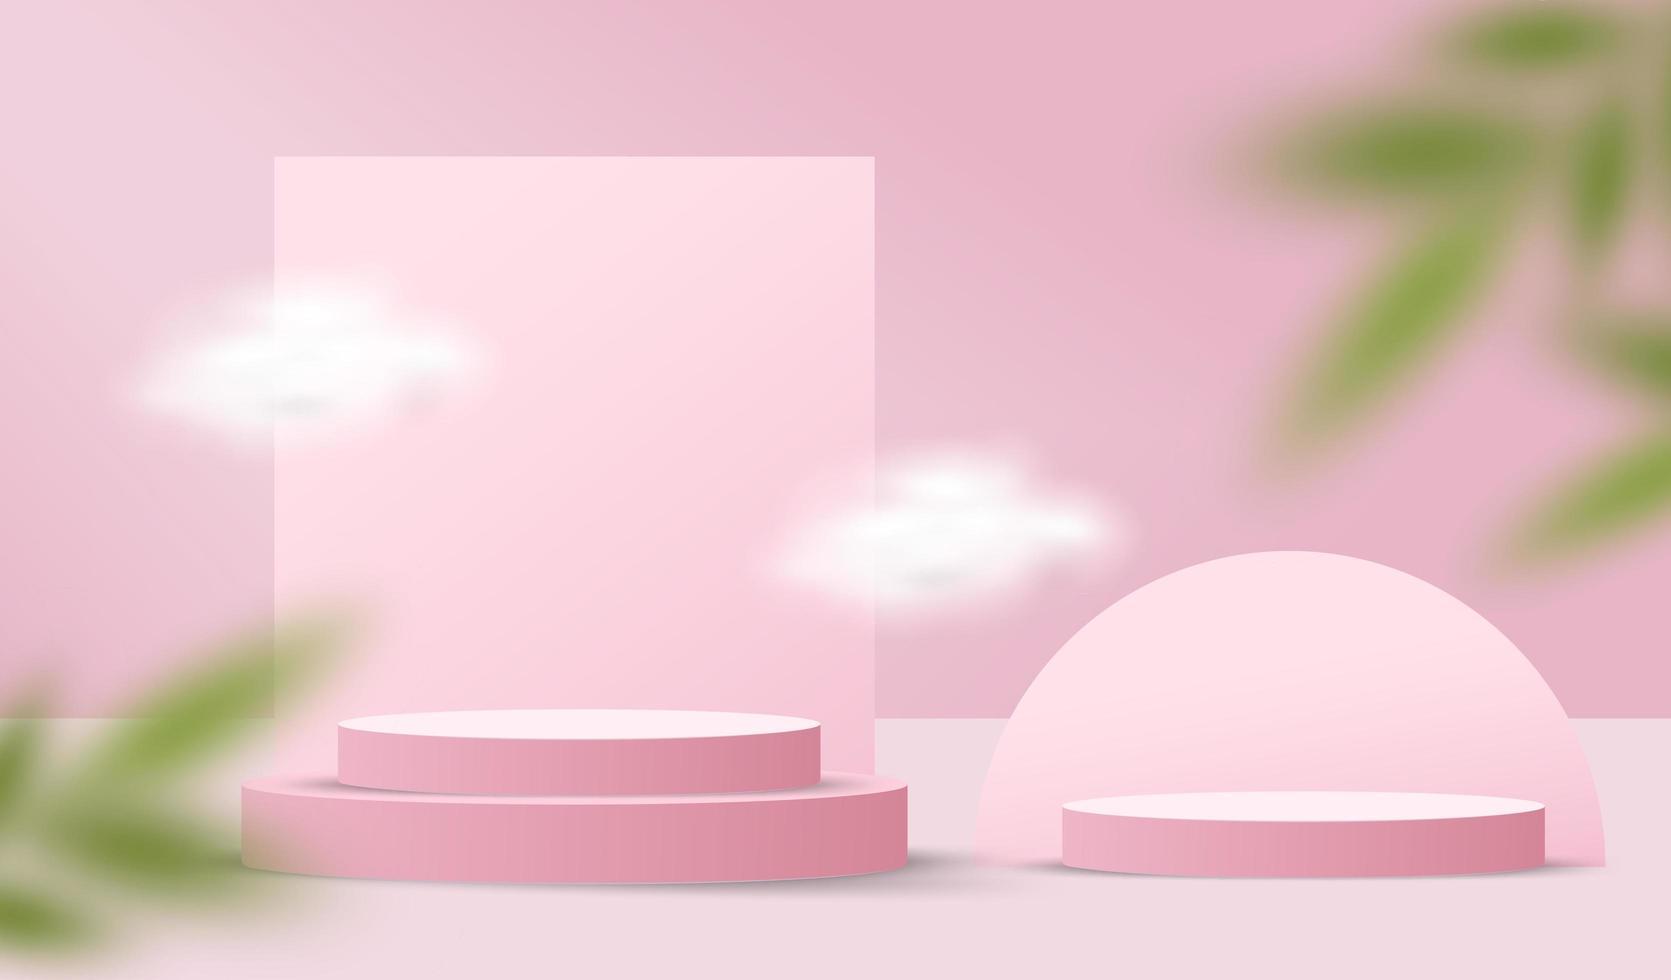 Hintergrund des abstrakten Valentinsgrußes mit Zylinderpodest und Blättern vektor